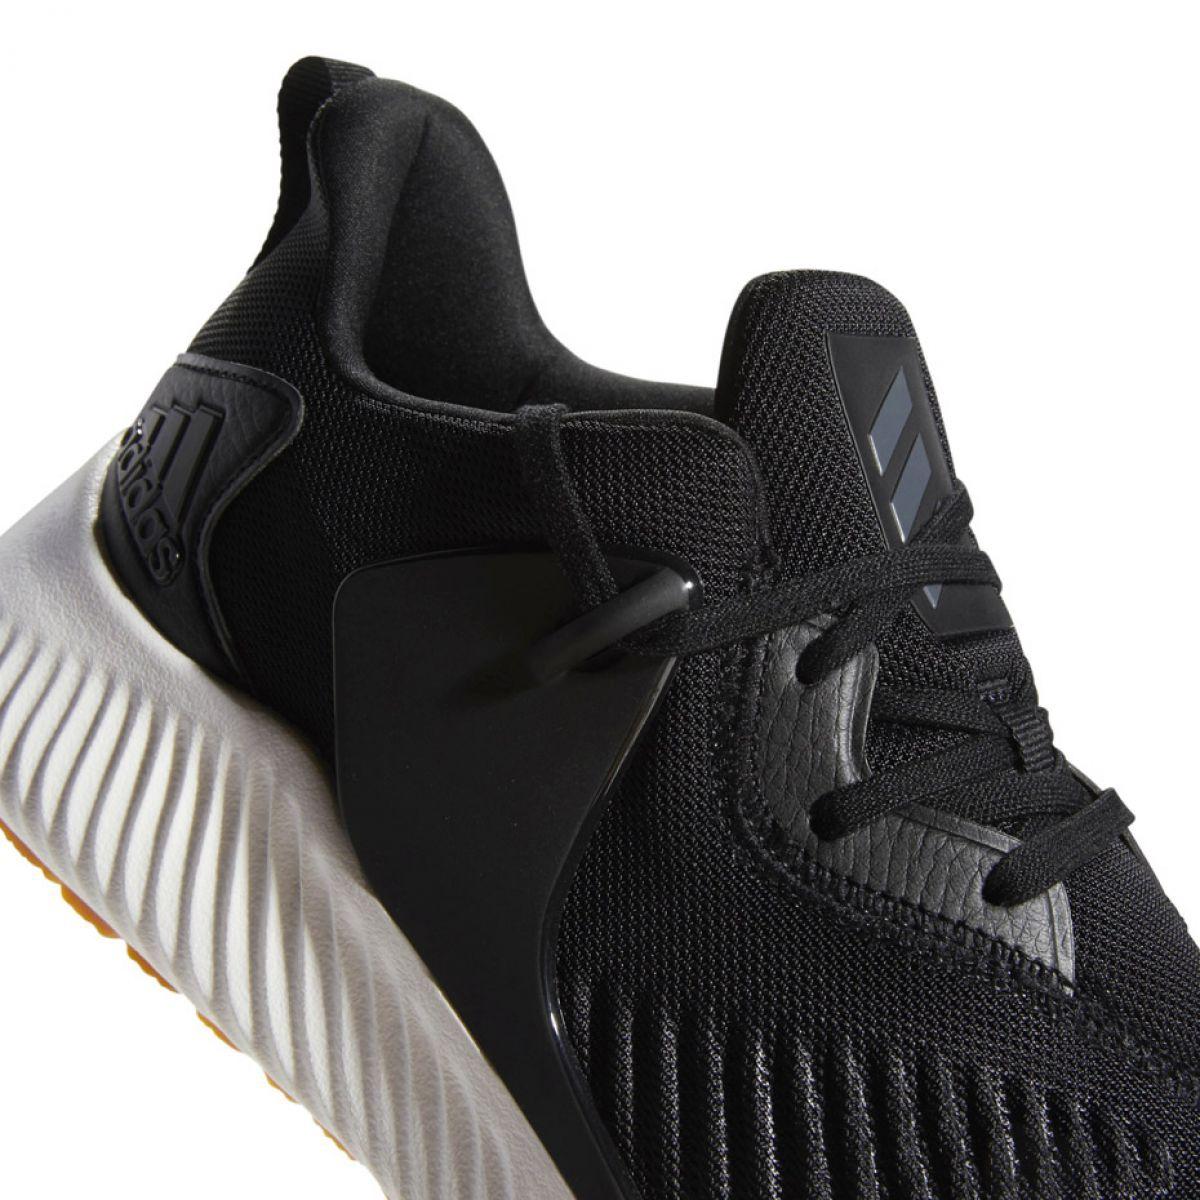 Sapatilhas Adidas Alphabounce Rc 2 M D96524 preto